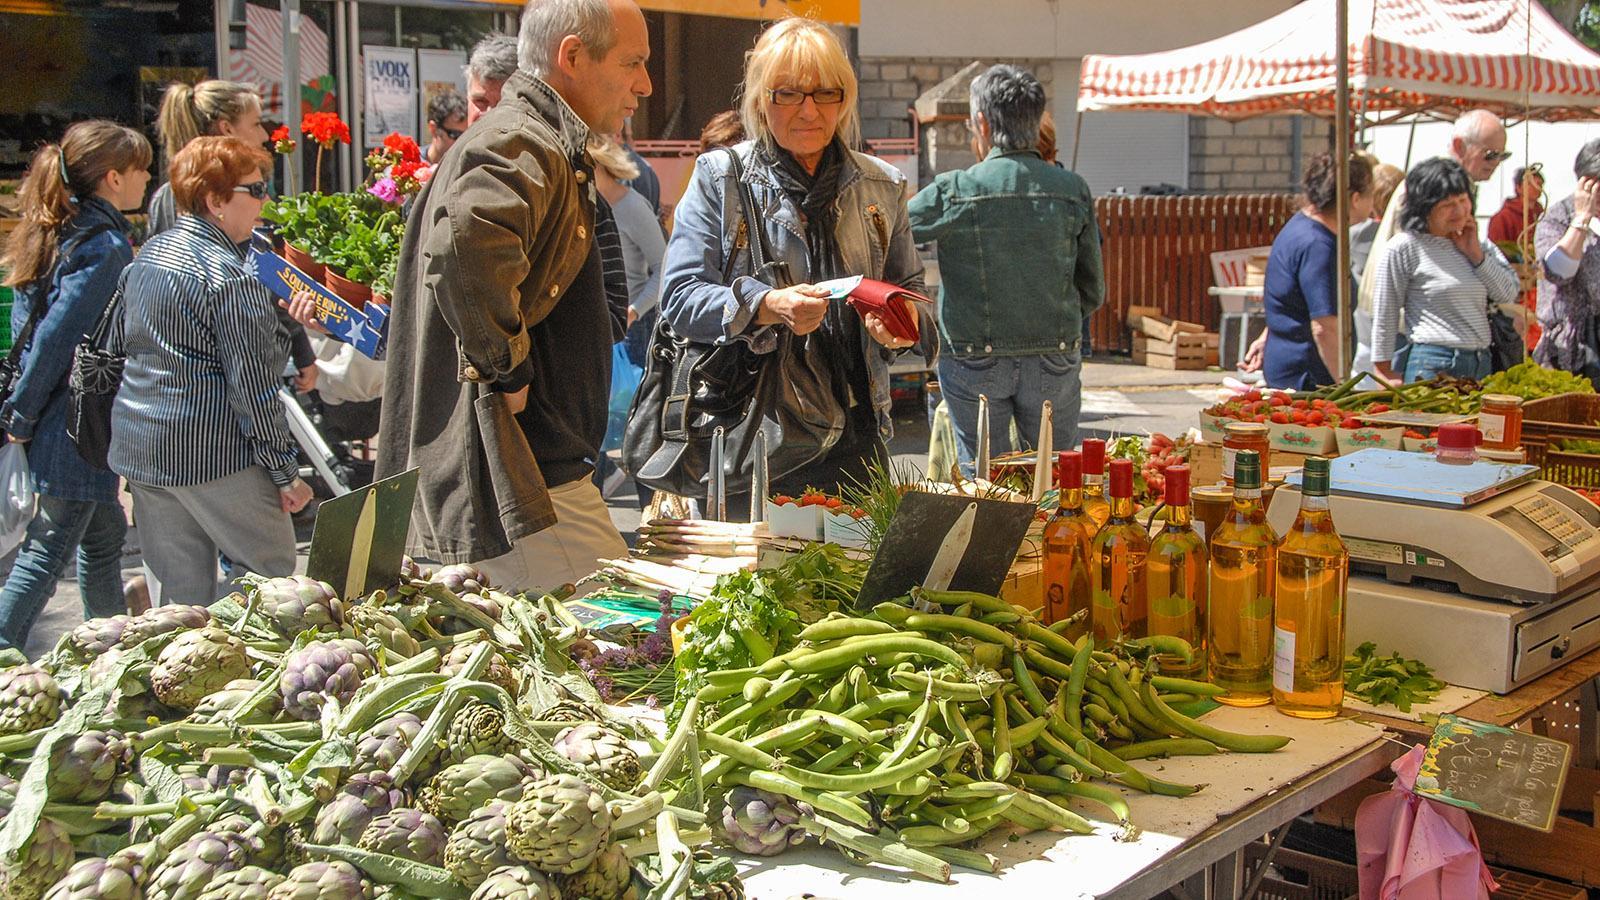 Auch in Saint-Cyr-sur-Mer gibt es sonntags bis 12 Uhr mittags einen großen Wochenmarkt. Foto: Hilke Maunder